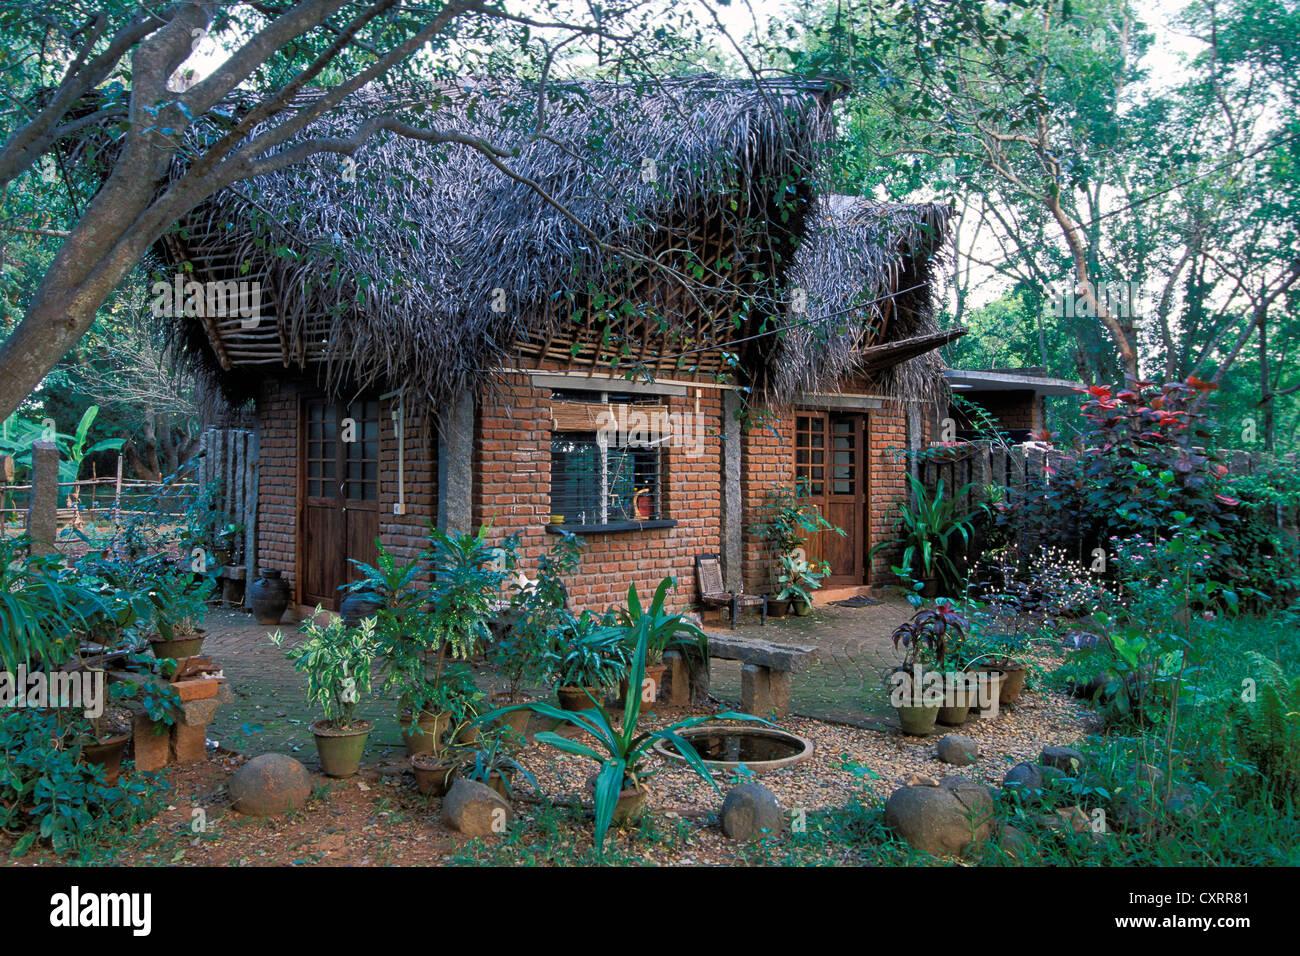 Alternative Architektur, Haus und Garten, Auroville, experimentelle Township, futuristisch, in der Nähe von Stockbild